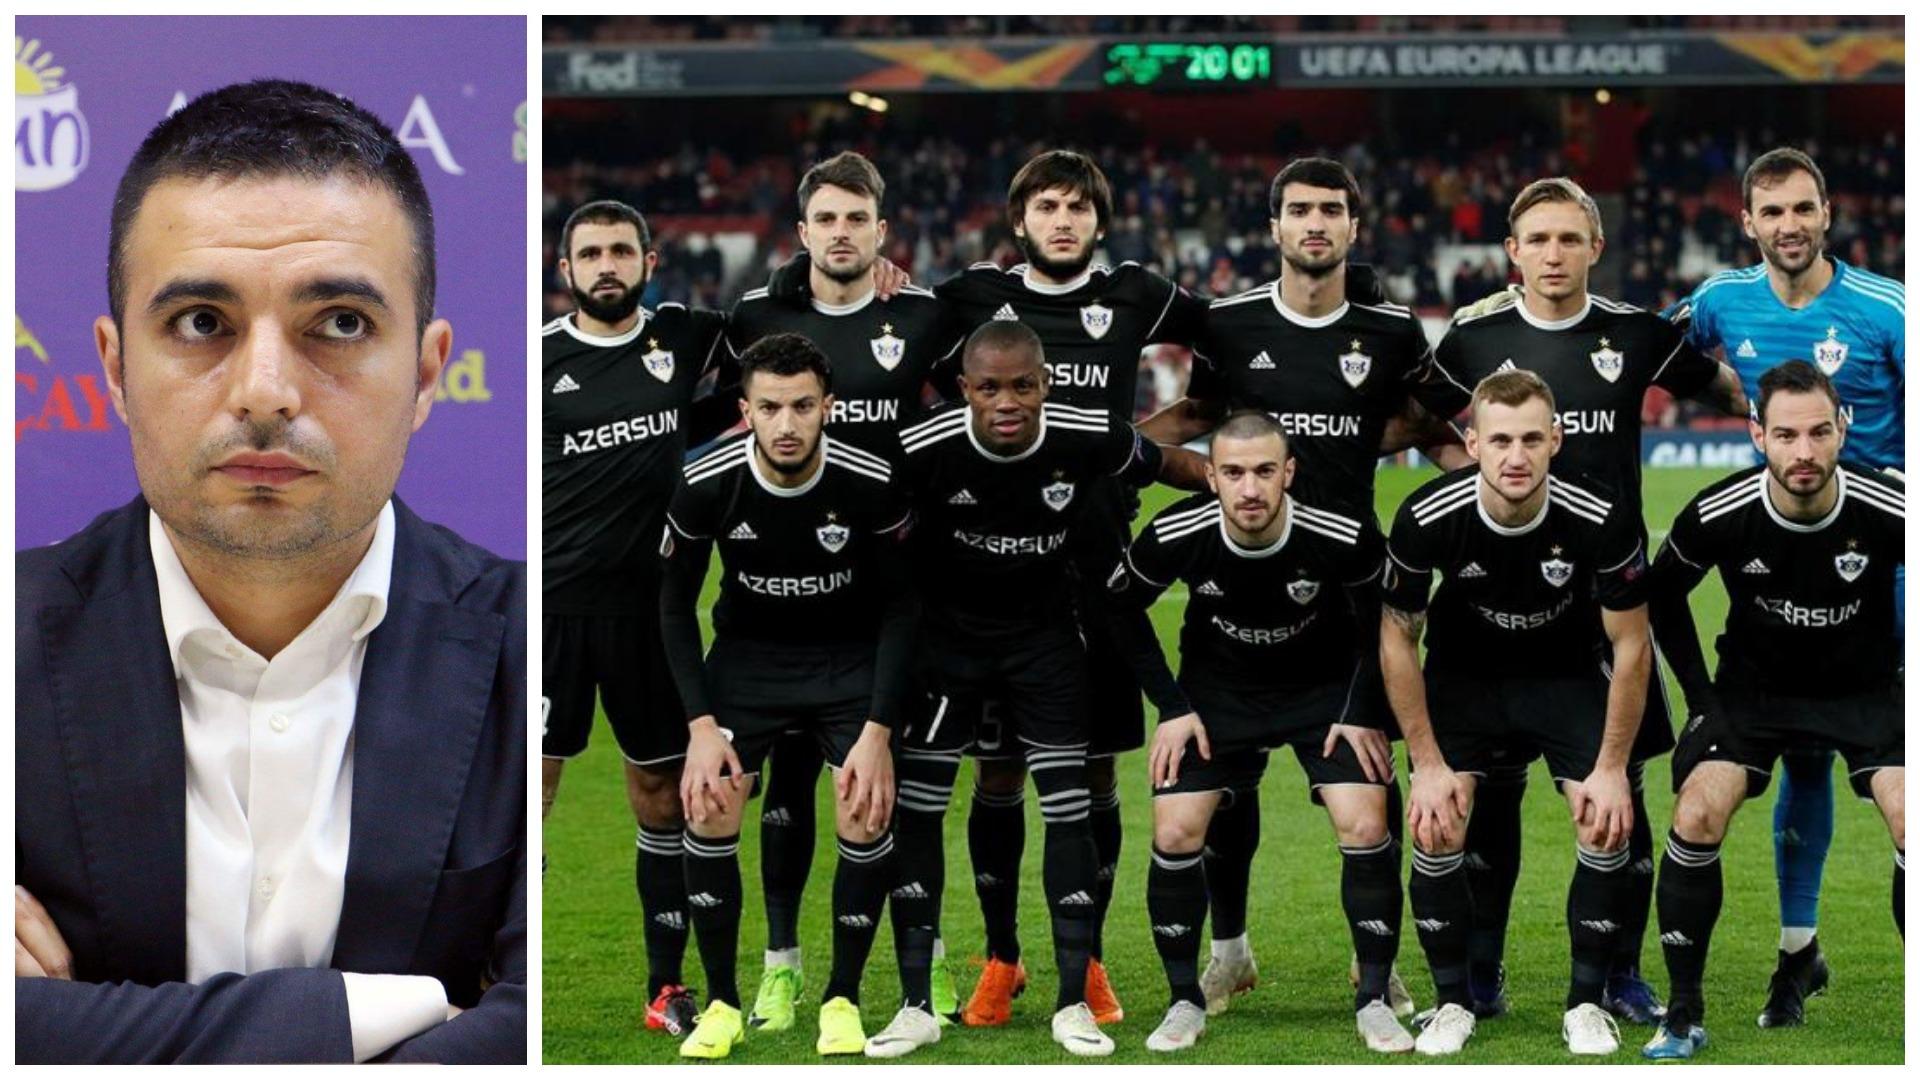 """""""Shfarosini armenët""""/ Dënim përjetë dhe gjobë, UEFA nuk e toleron racizmin"""